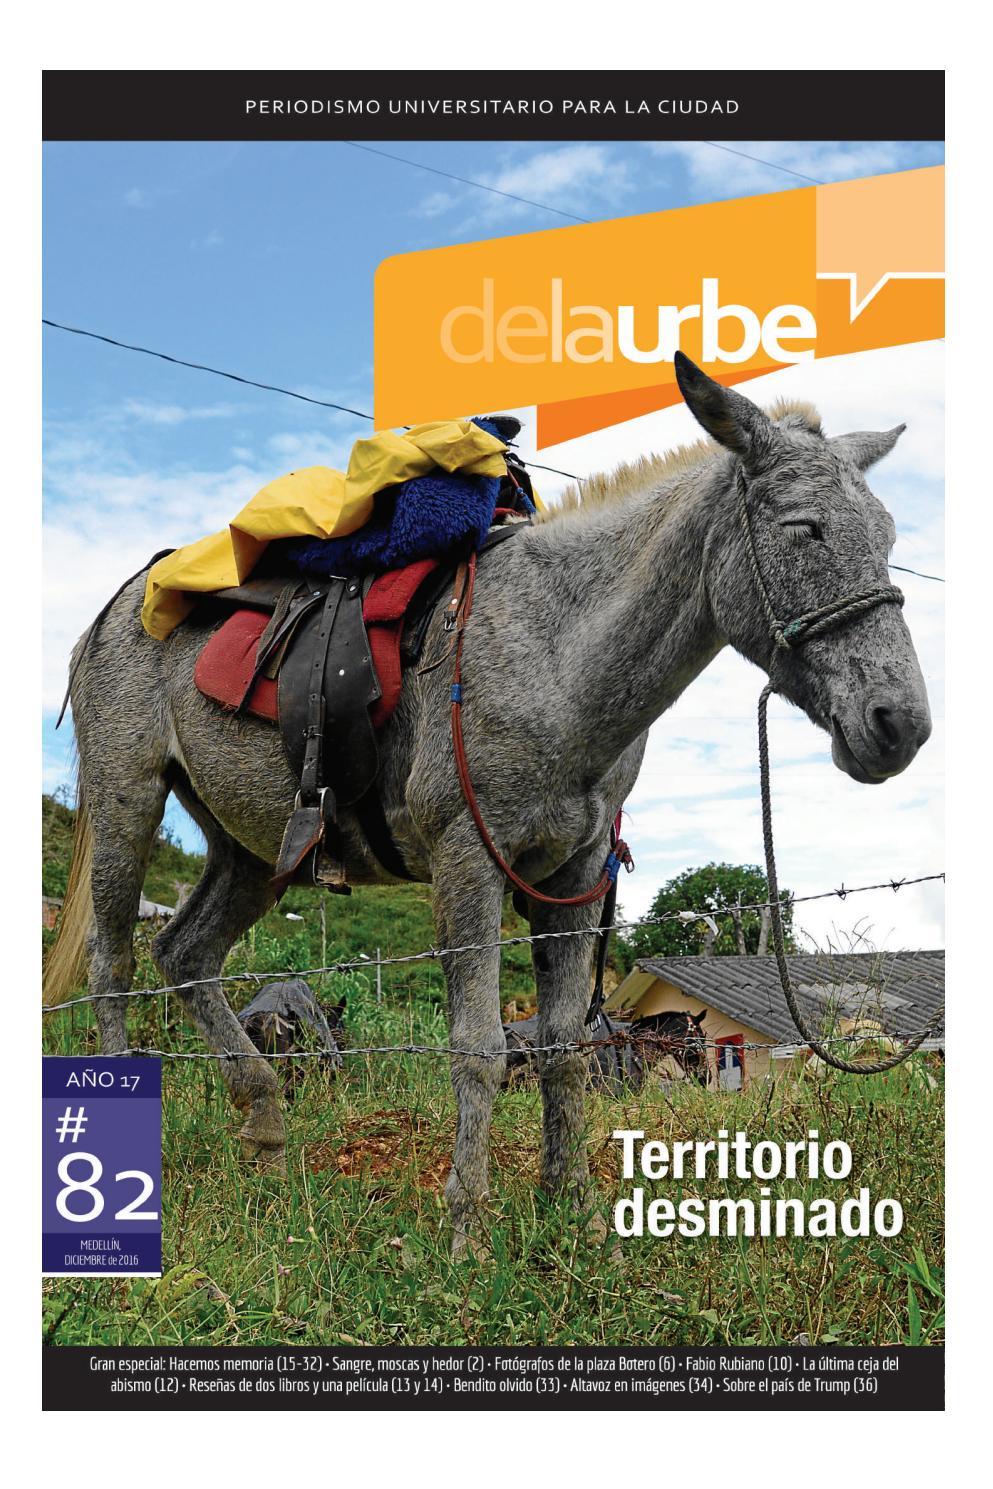 De la Urbe 82 by De la Urbe - issuu 1cbfac2334bd